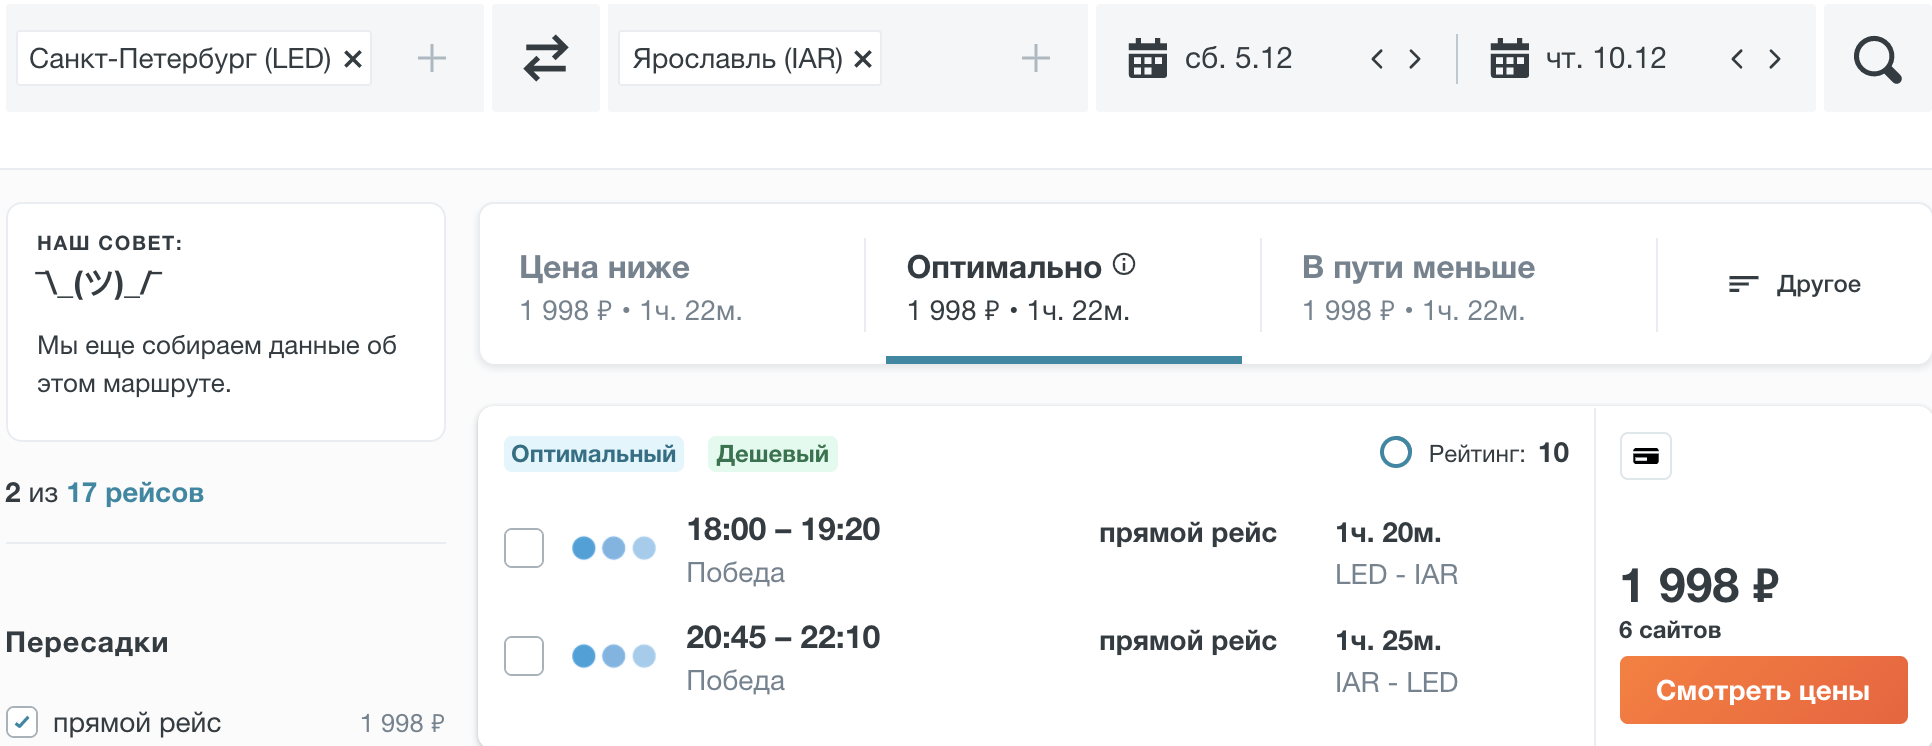 Дешевые билеты Победы: из СПб в Белгород и Ярославль за 1998₽ туда-обратно